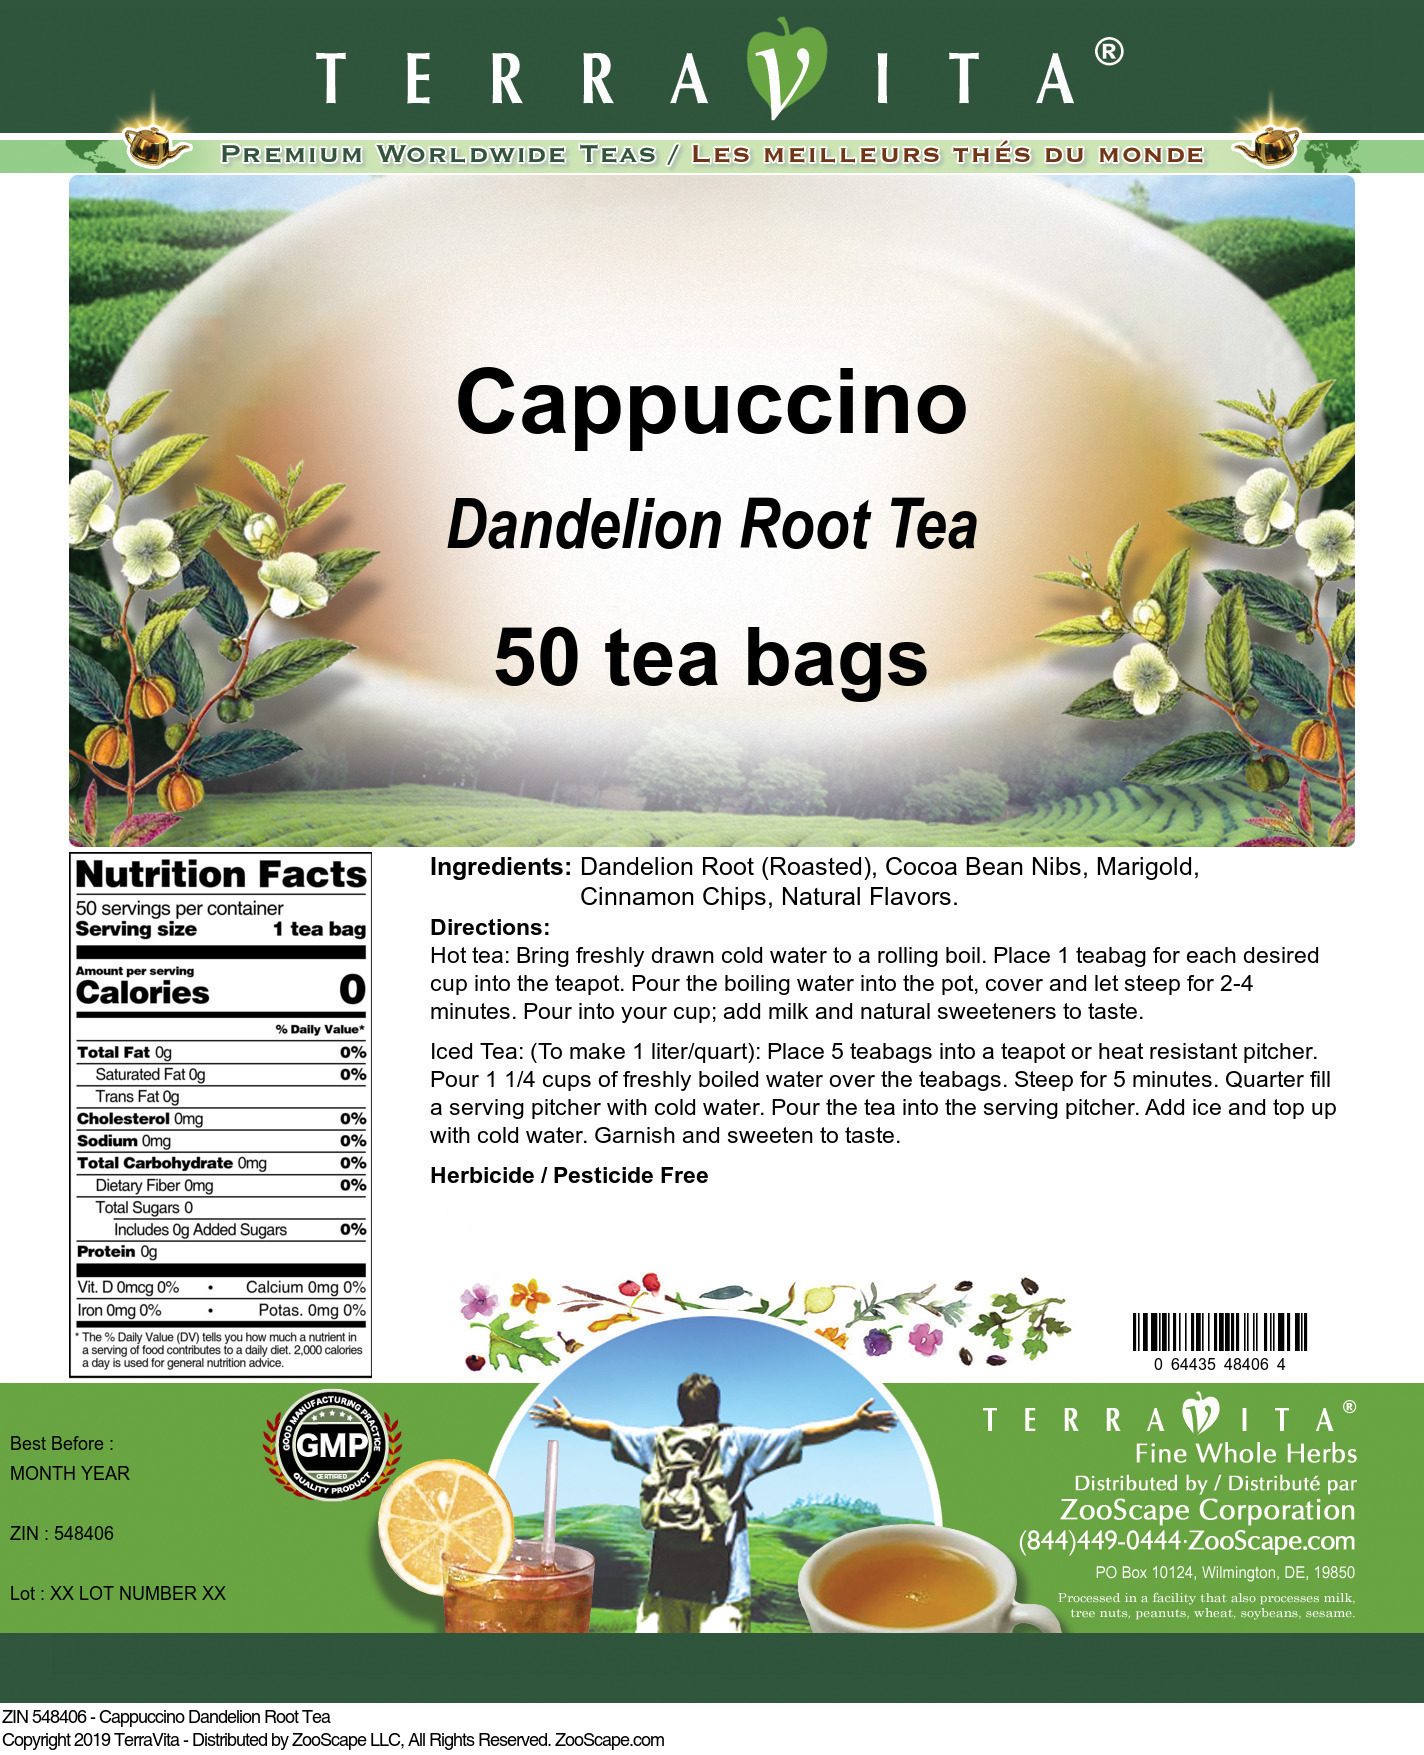 Cappuccino Dandelion Root